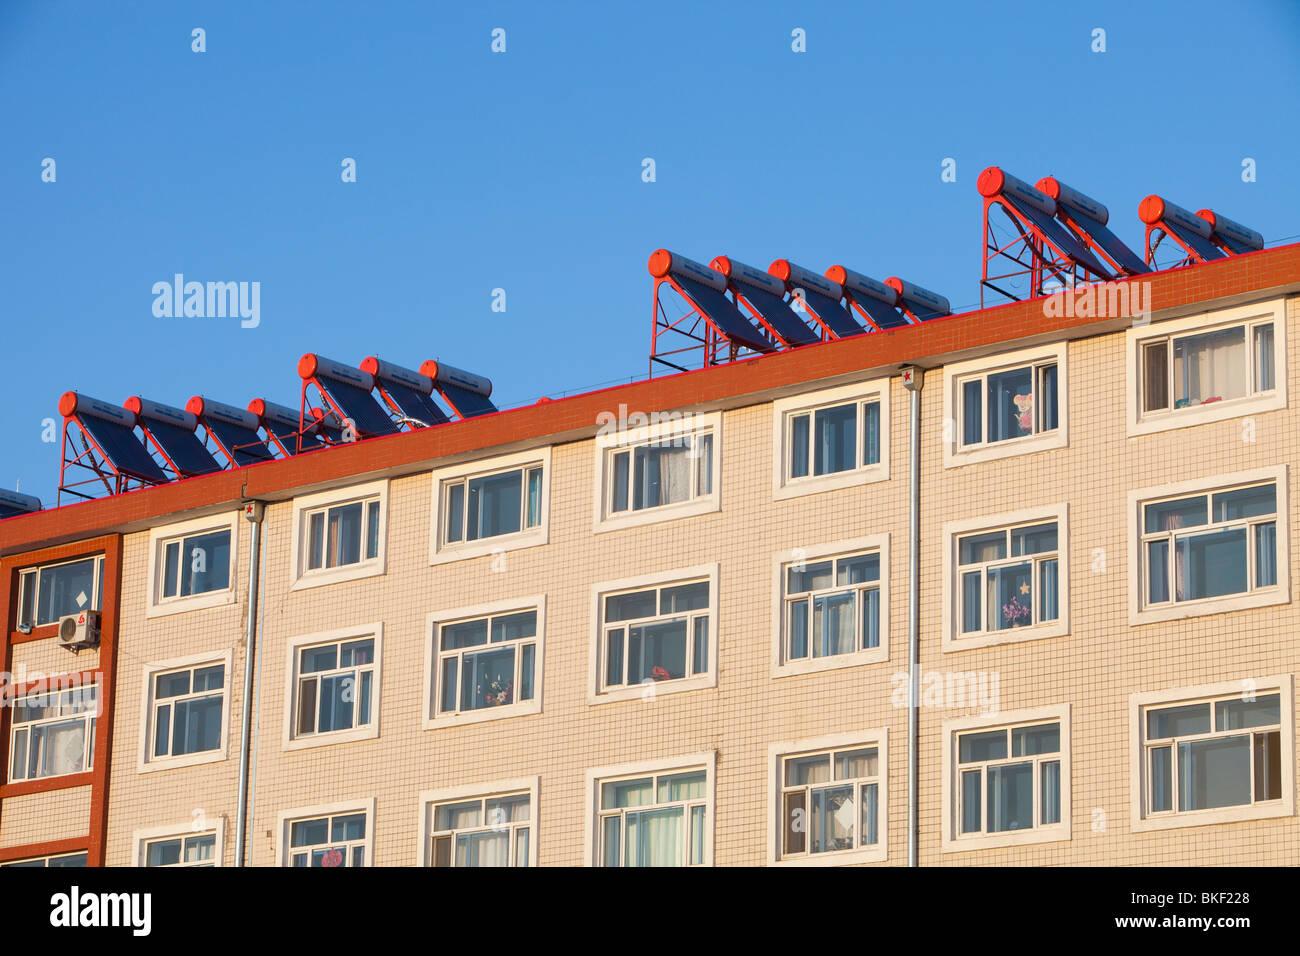 Nuevos apartamentos en chino con los calentadores de agua solares en el tejado. Imagen De Stock